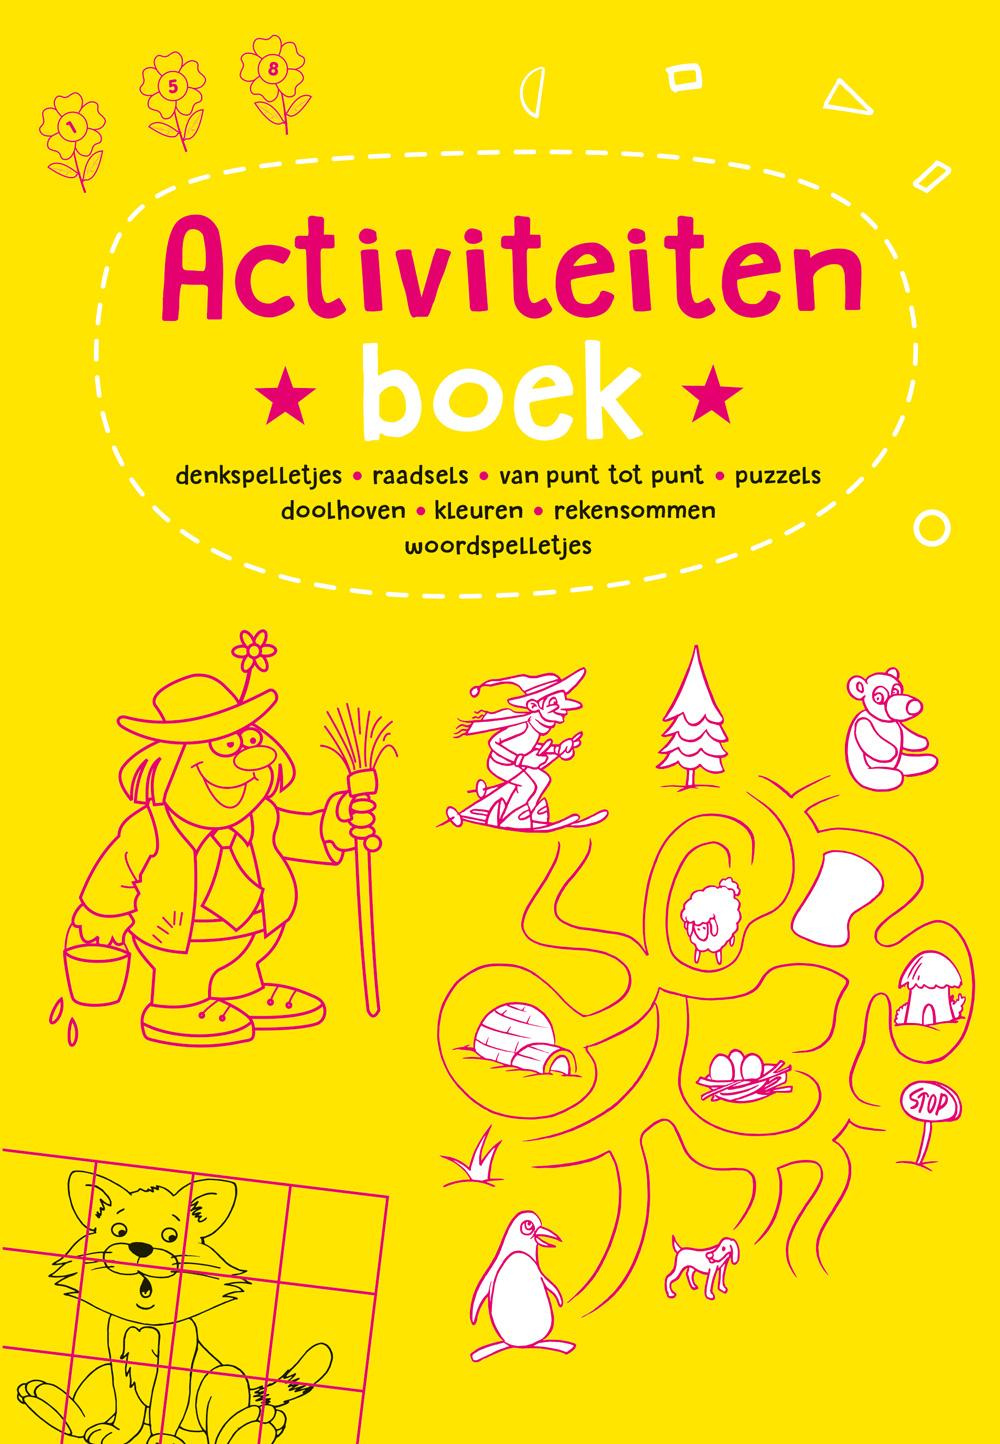 Activiteitenboek geel